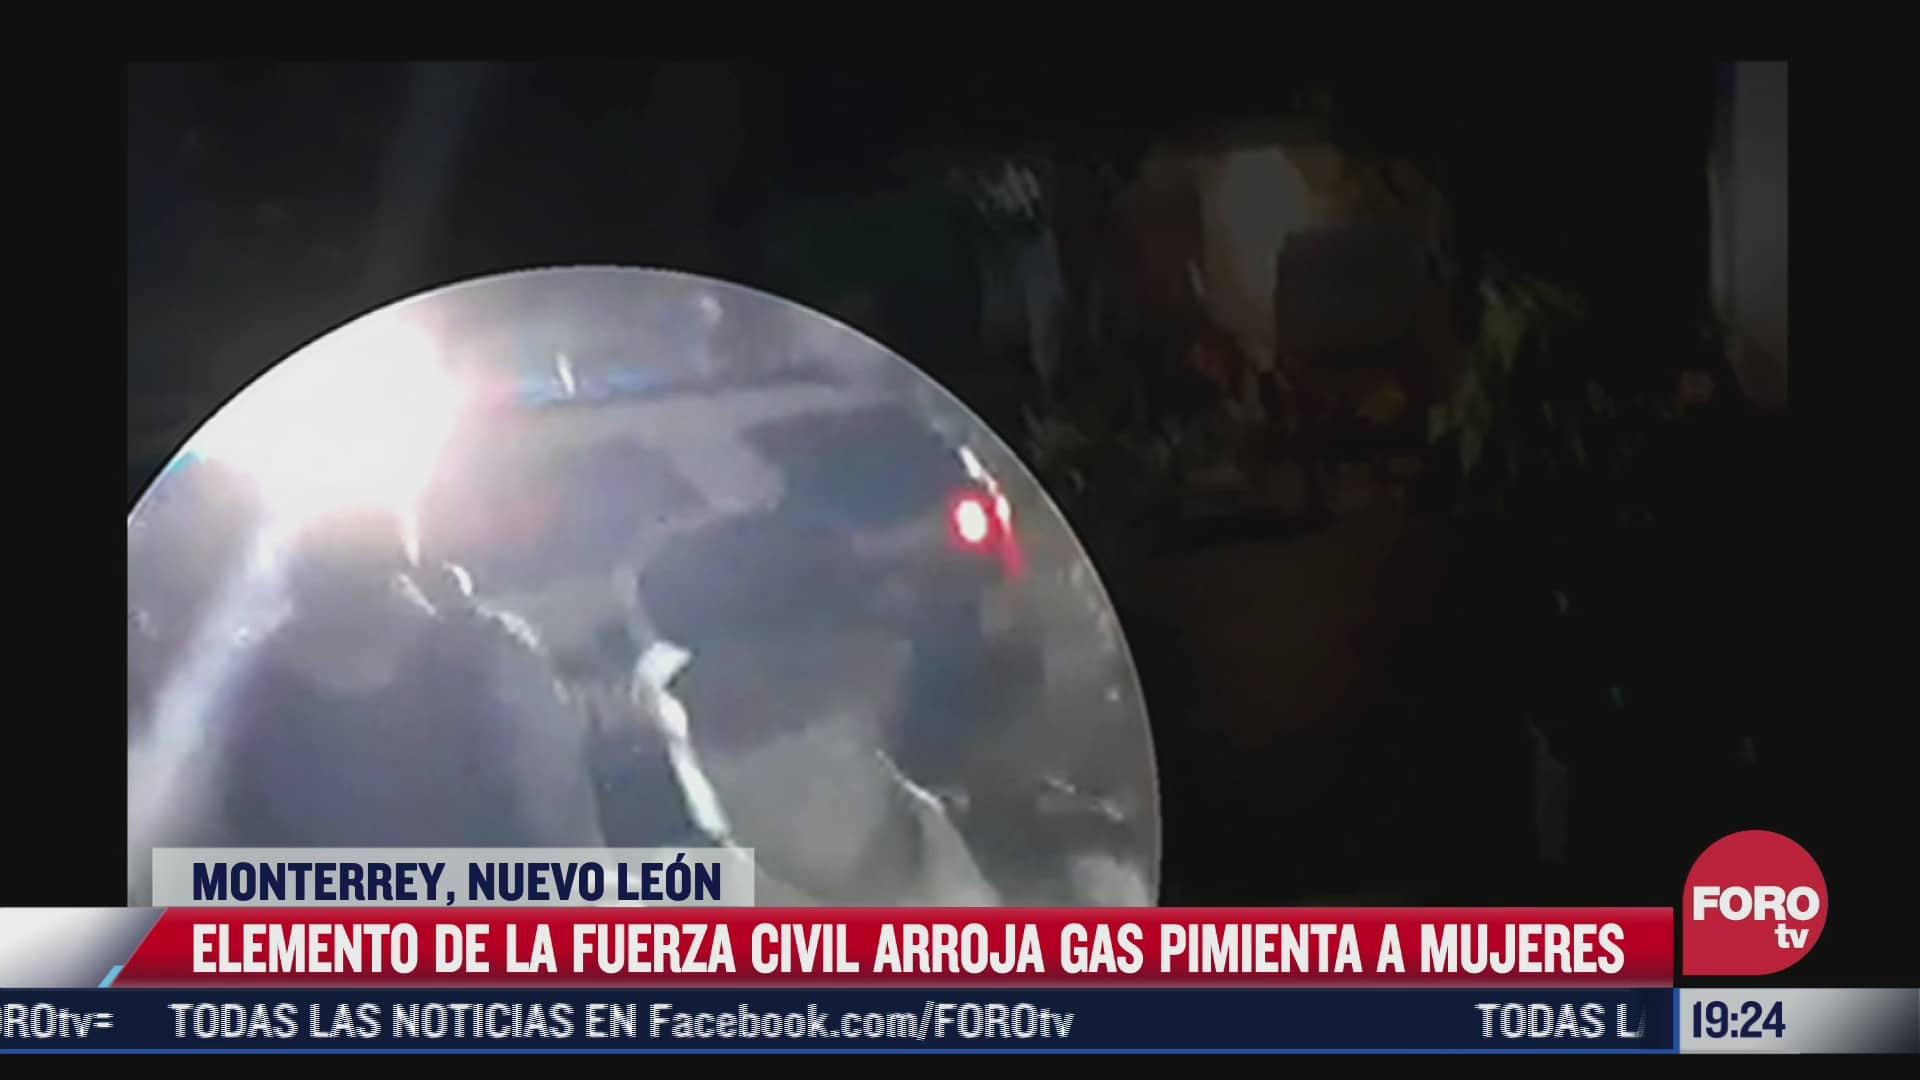 elemento de la fuerza civil arroja gas pimienta a mujeres en monterrey